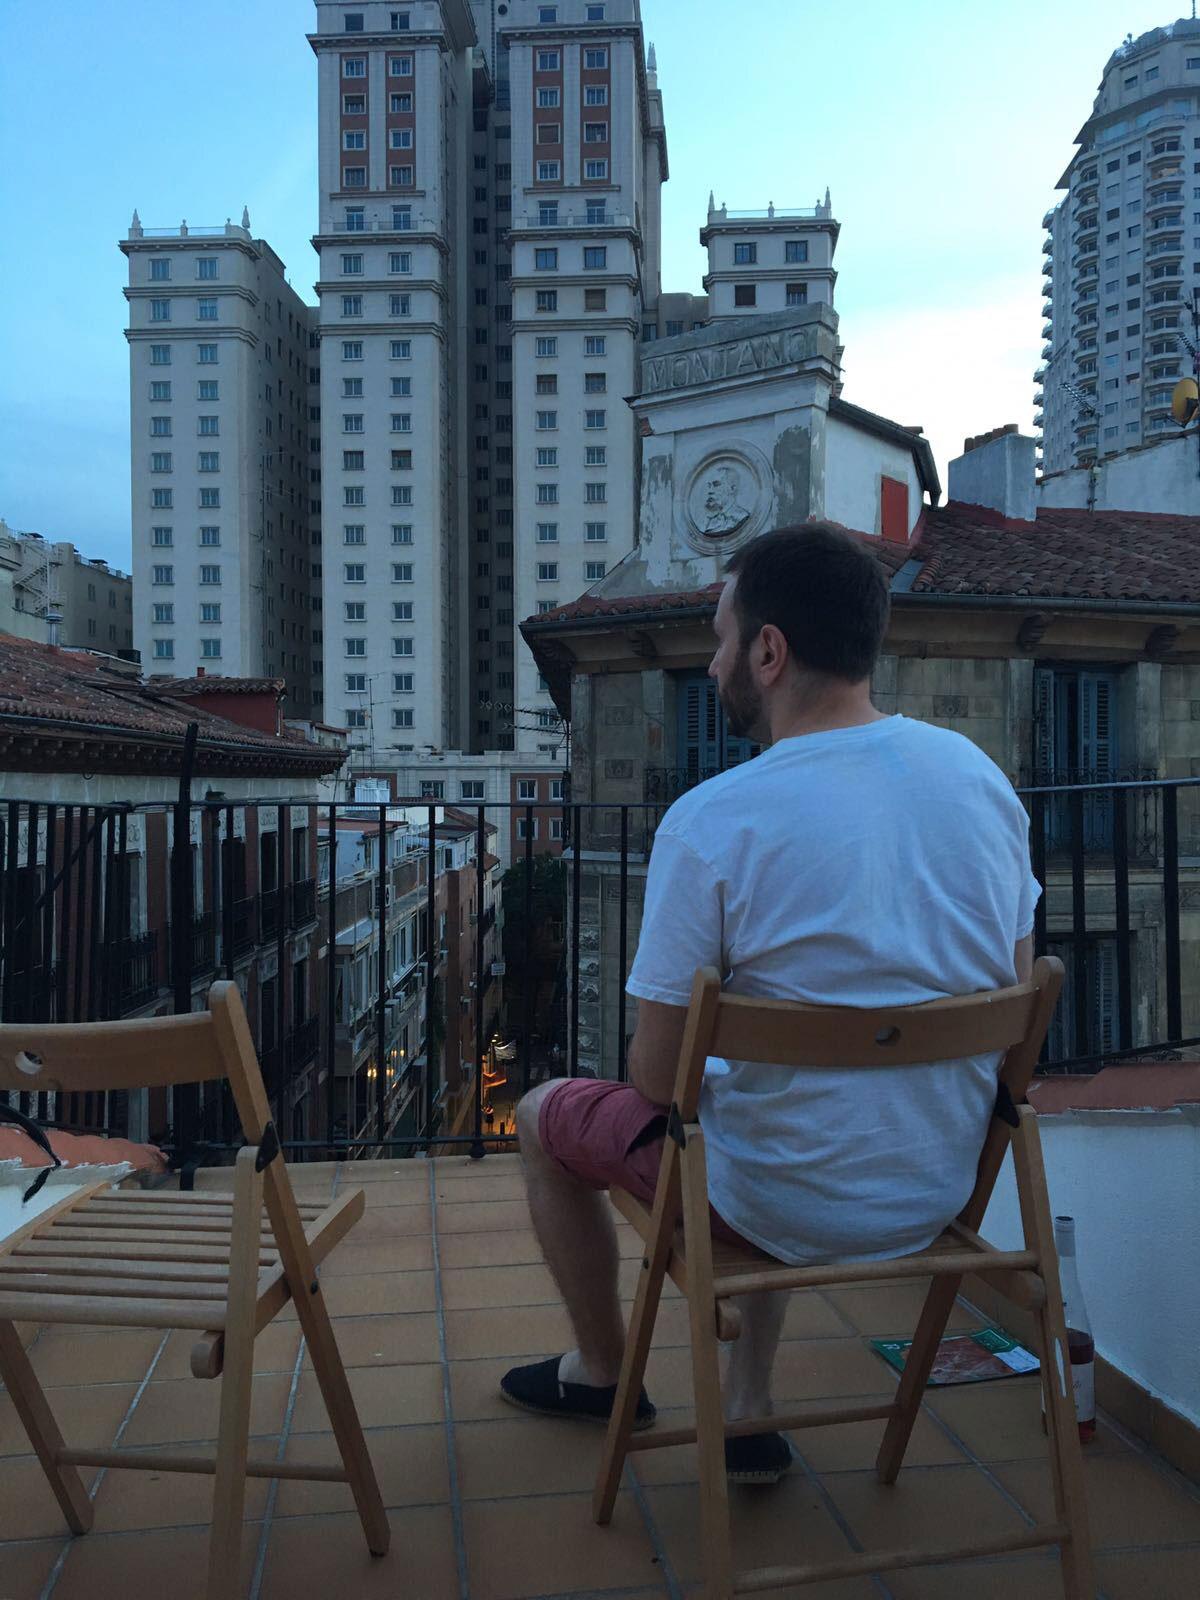 madrid-rooftop2.jpg